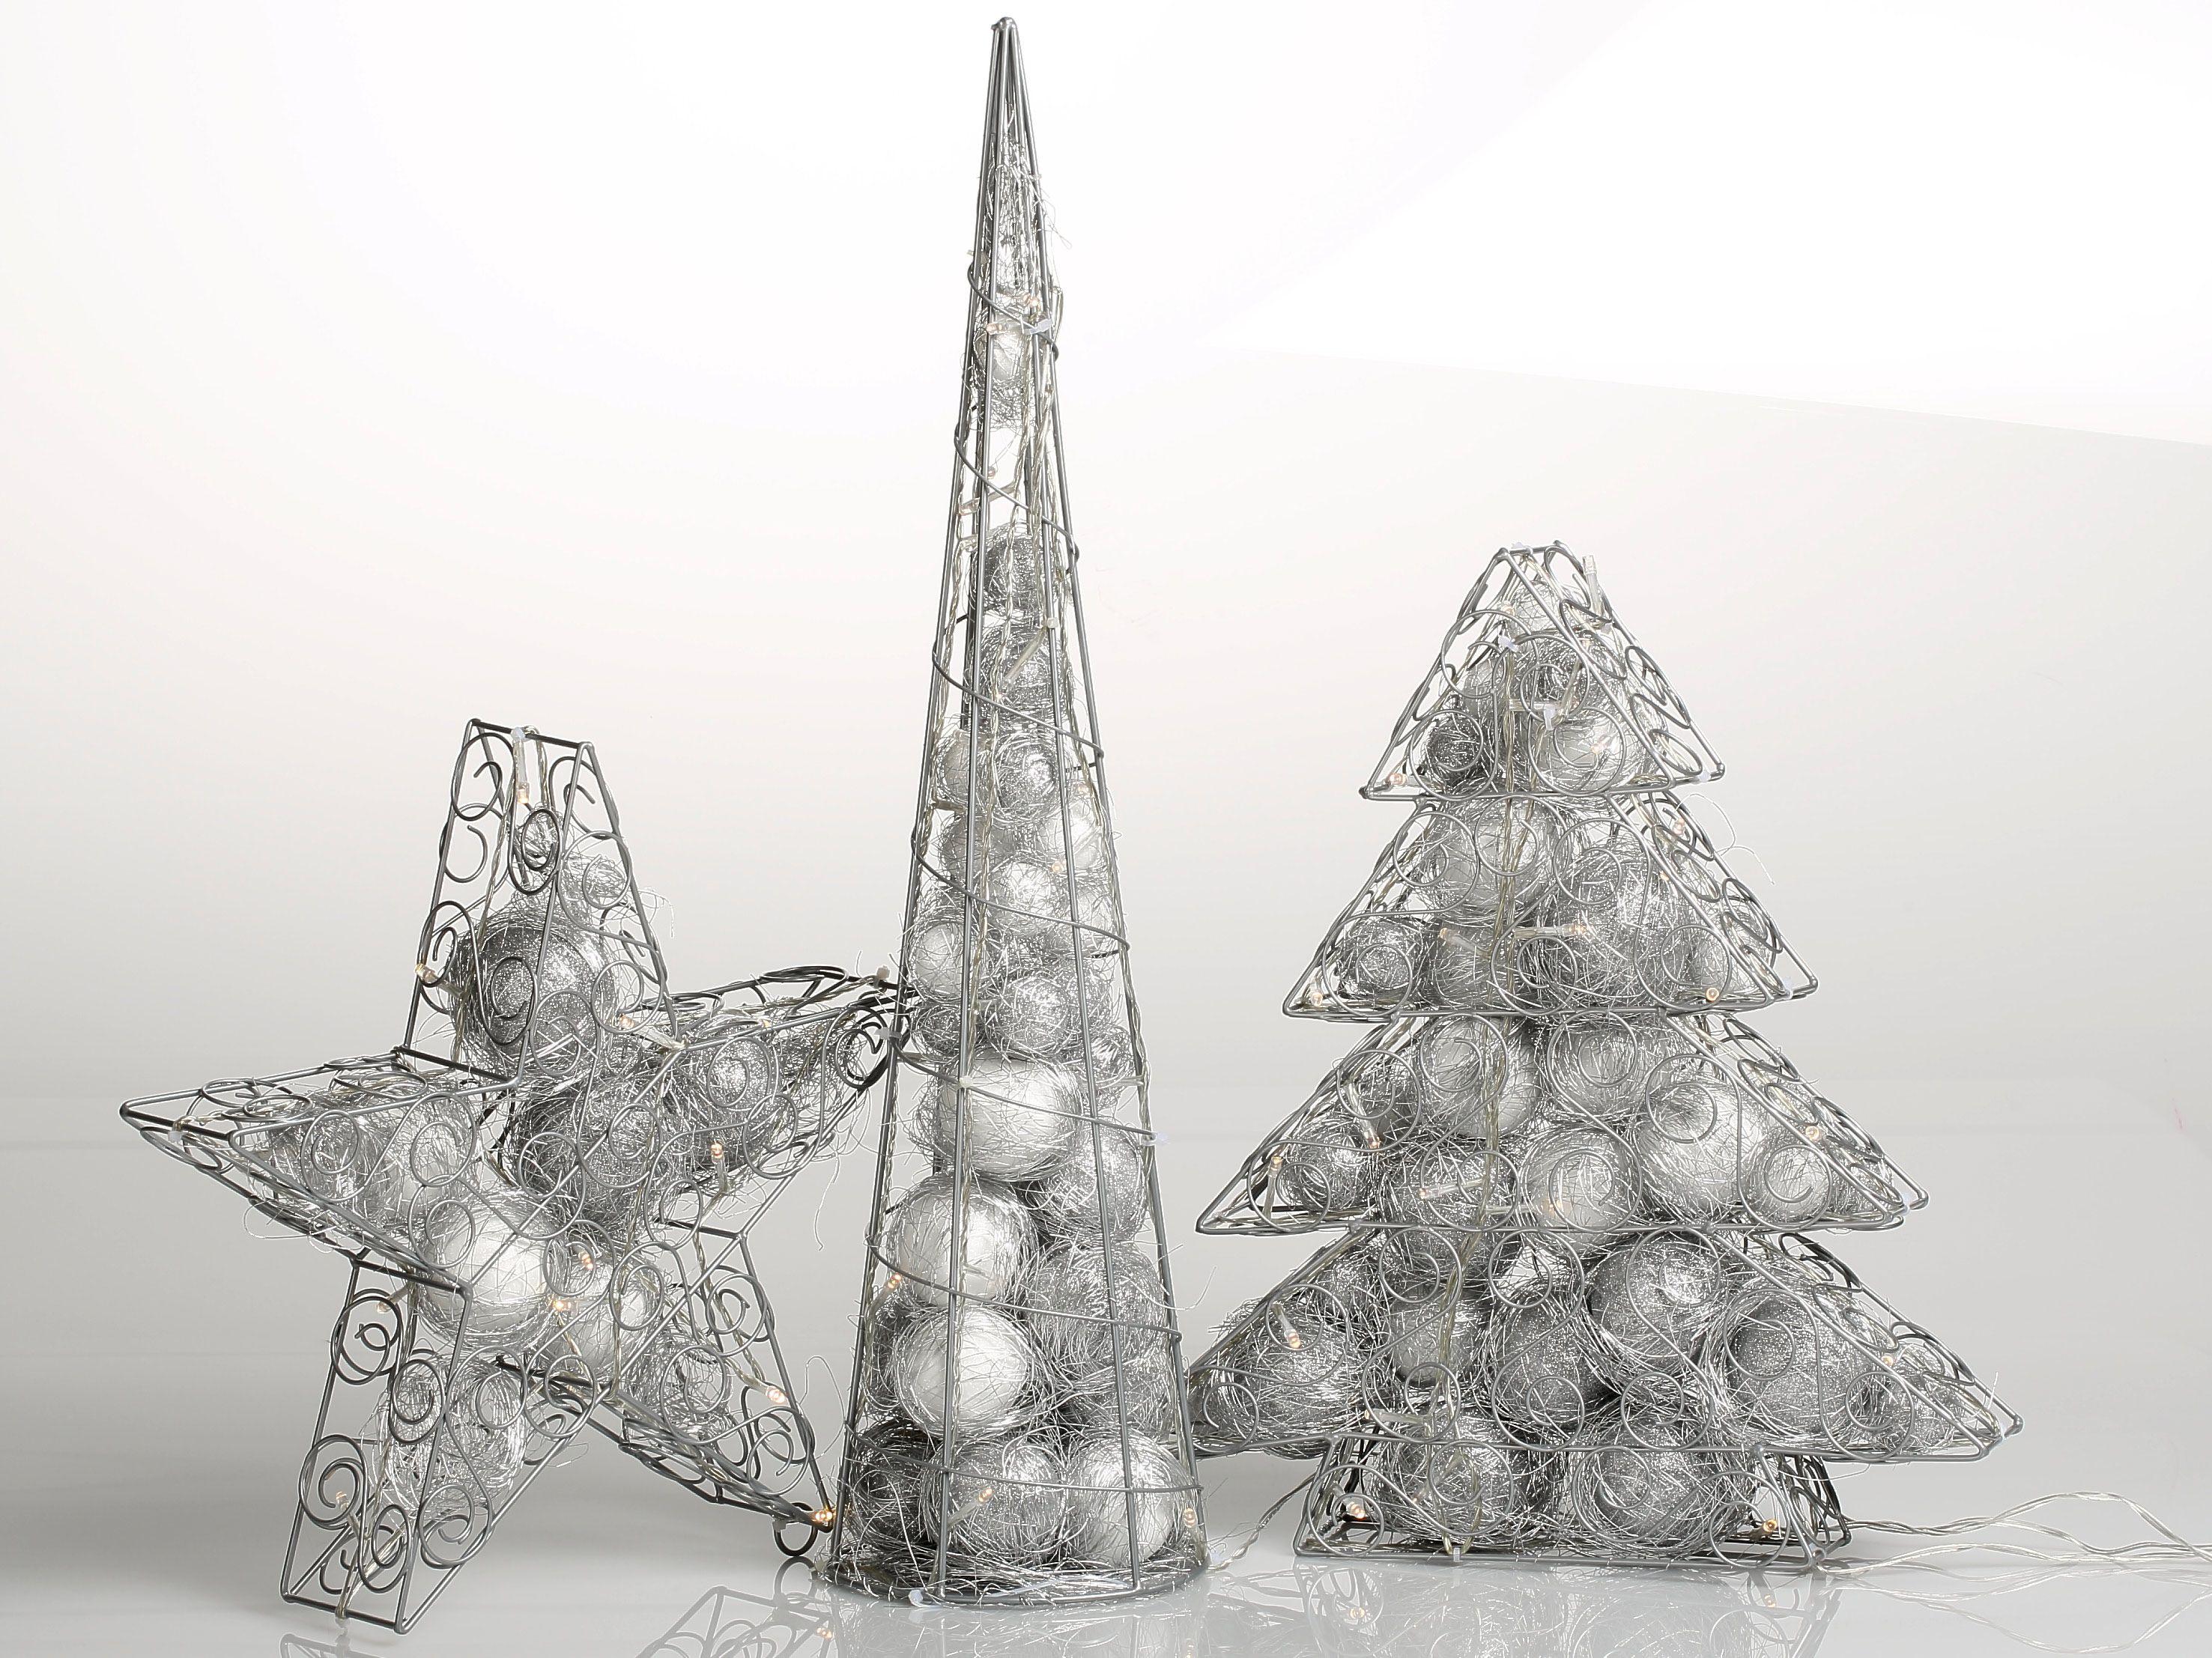 Weihnachtsbeleuchtung Fenster Pyramide.Stern Pyramide Tanne Zur Weihnachtsdeko Fensterdeko Aus Draht